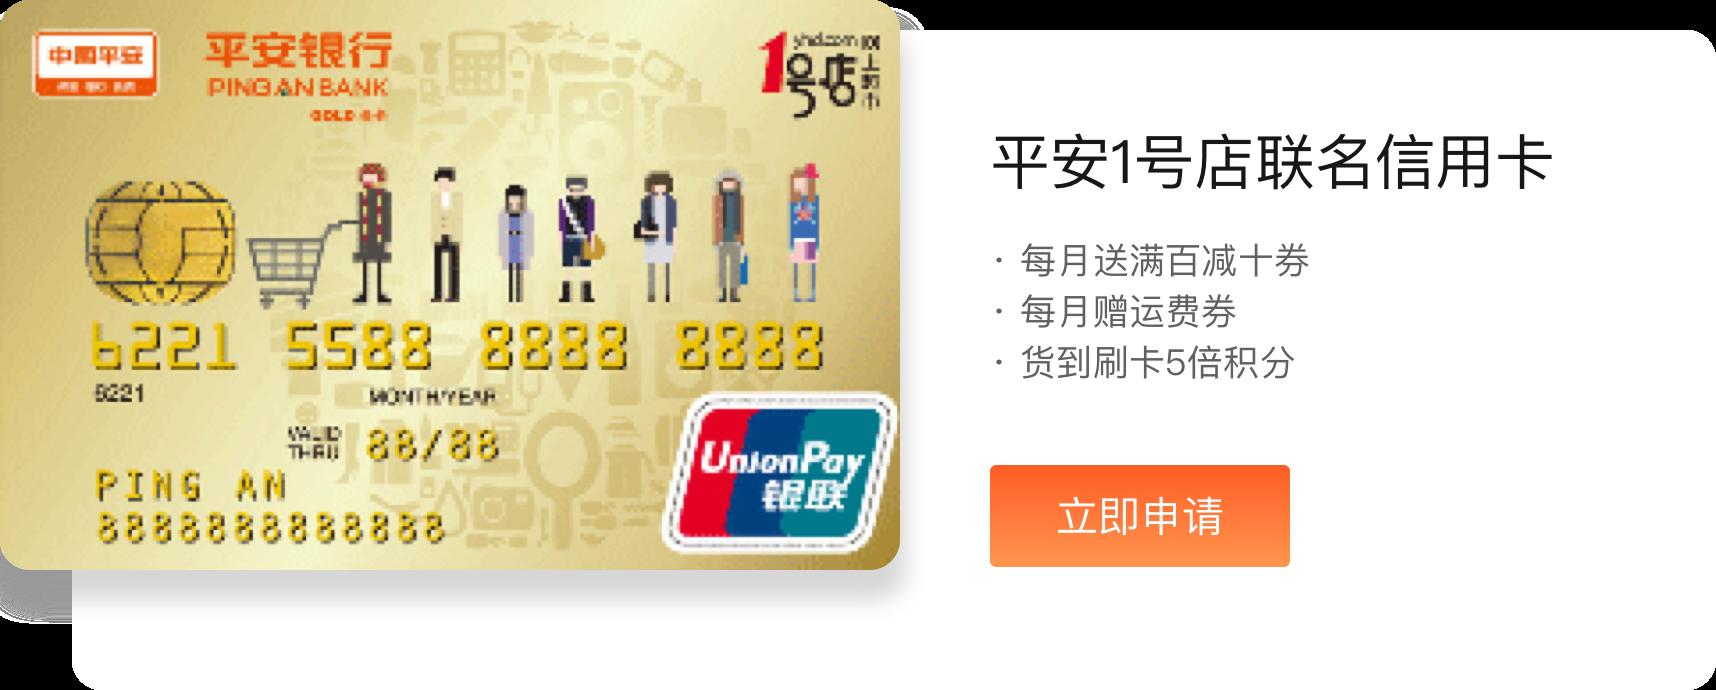 平安1號店聯名信用卡